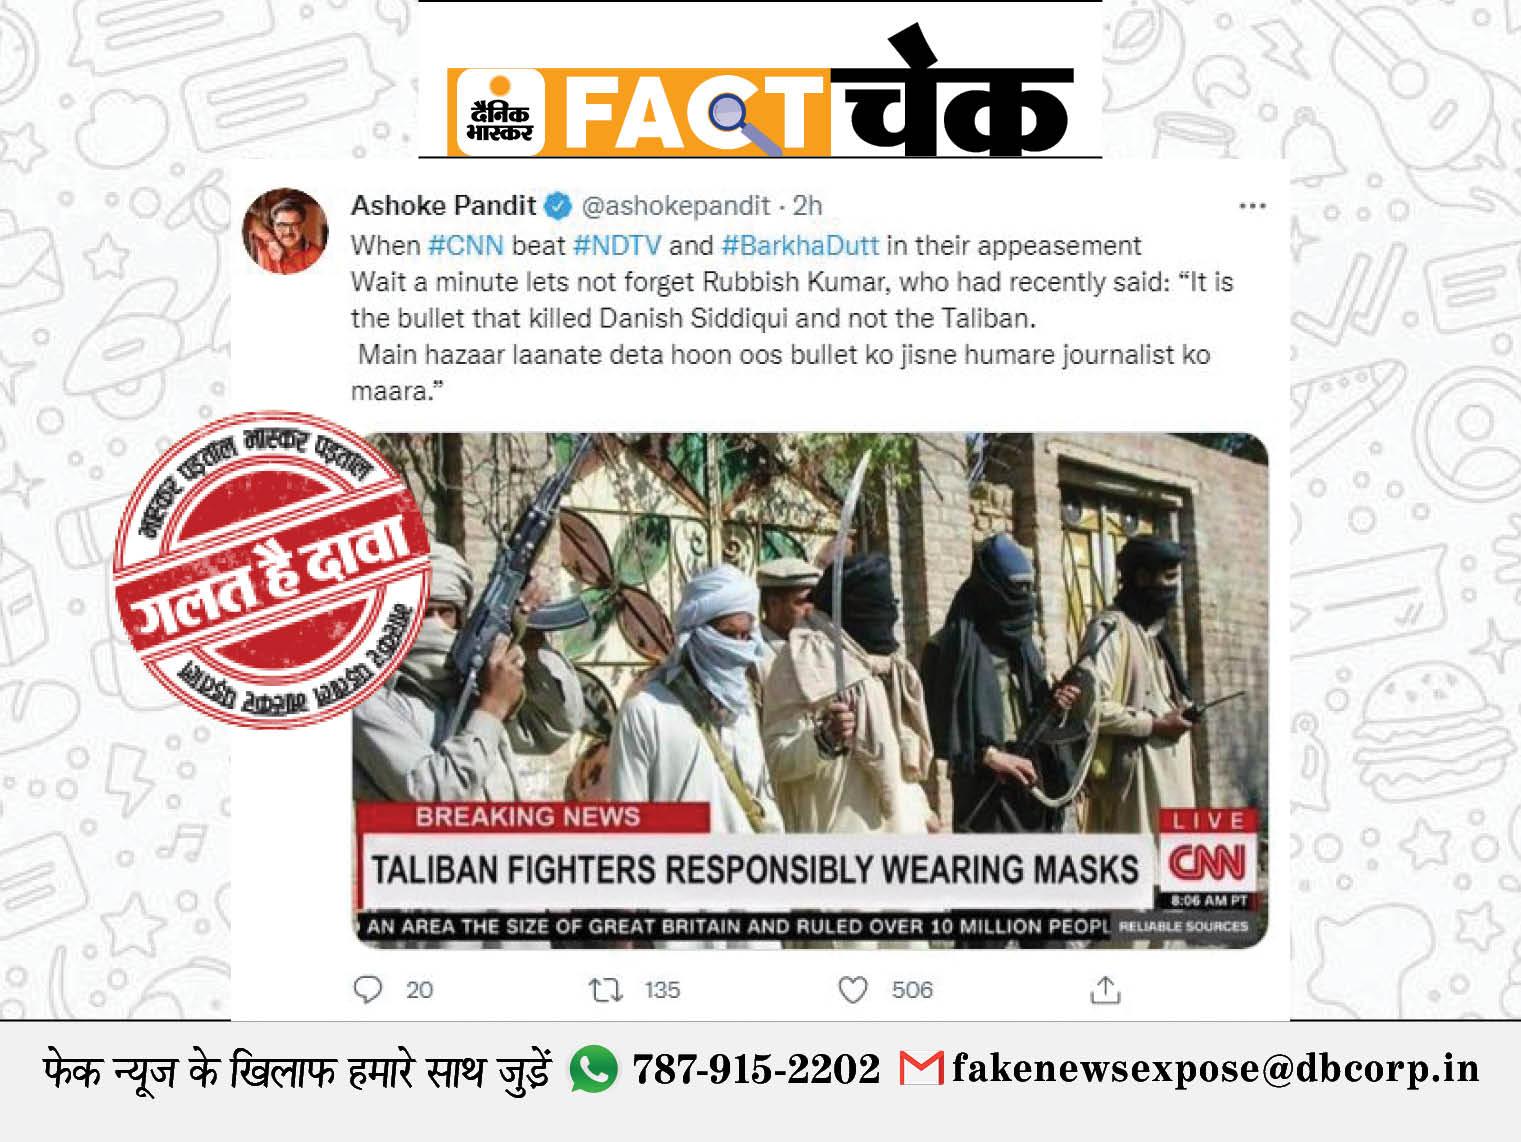 CNN ने अफगानिस्तान हमले के दौरान मास्क पहनने के लिए तालिबान की तारीफकी; जानिए इस वायरल पोस्ट की सच्चाई|फेक न्यूज़ एक्सपोज़,Fake News Expose - Dainik Bhaskar